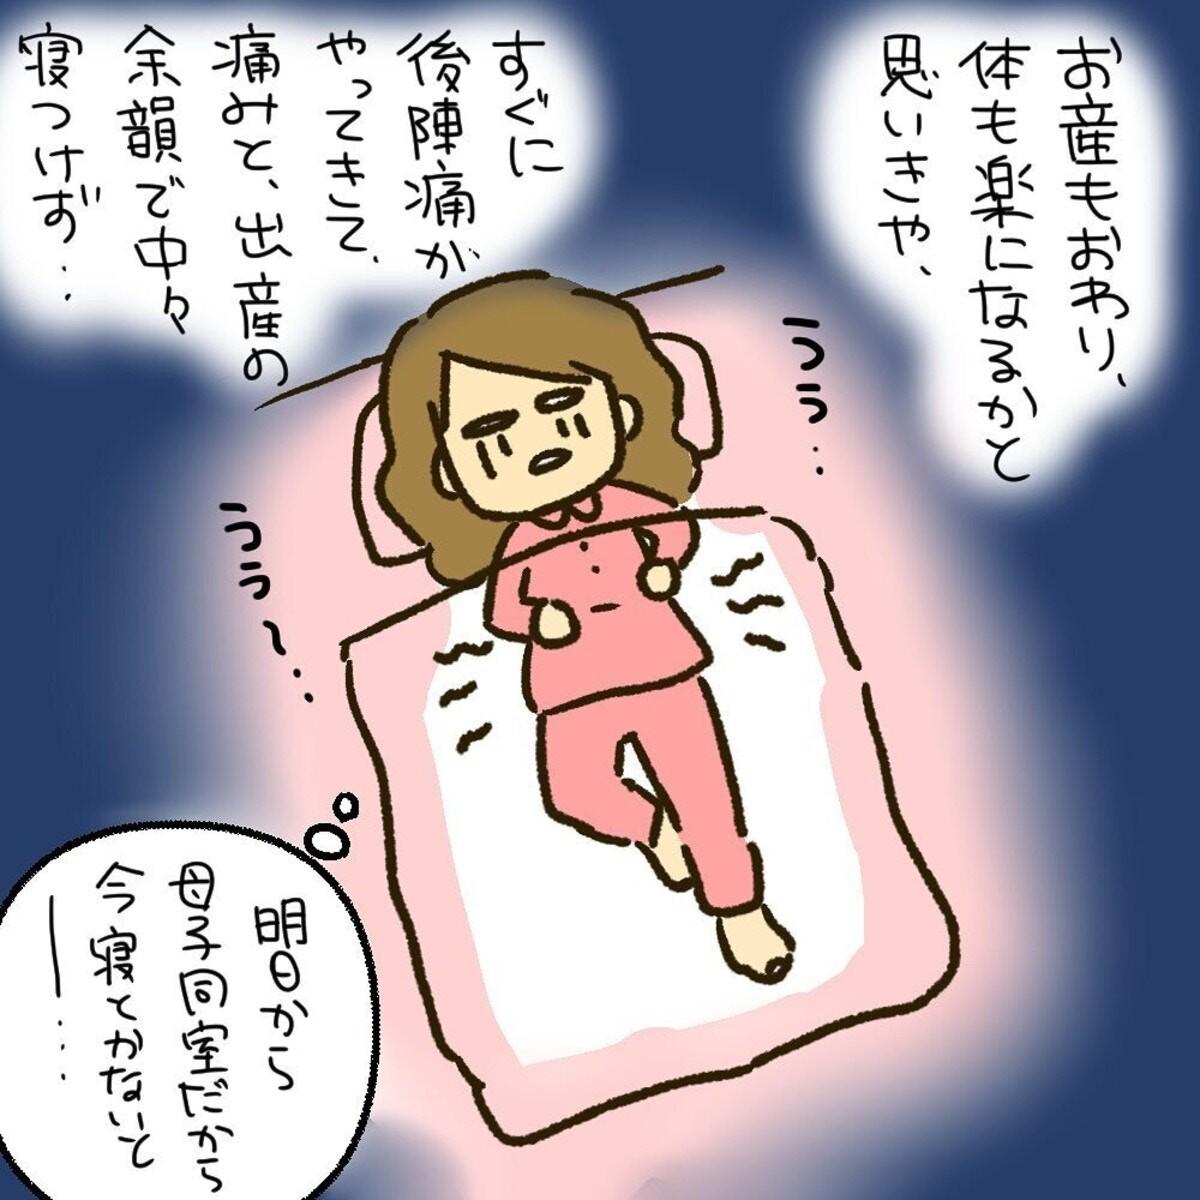 妊娠 寝れない